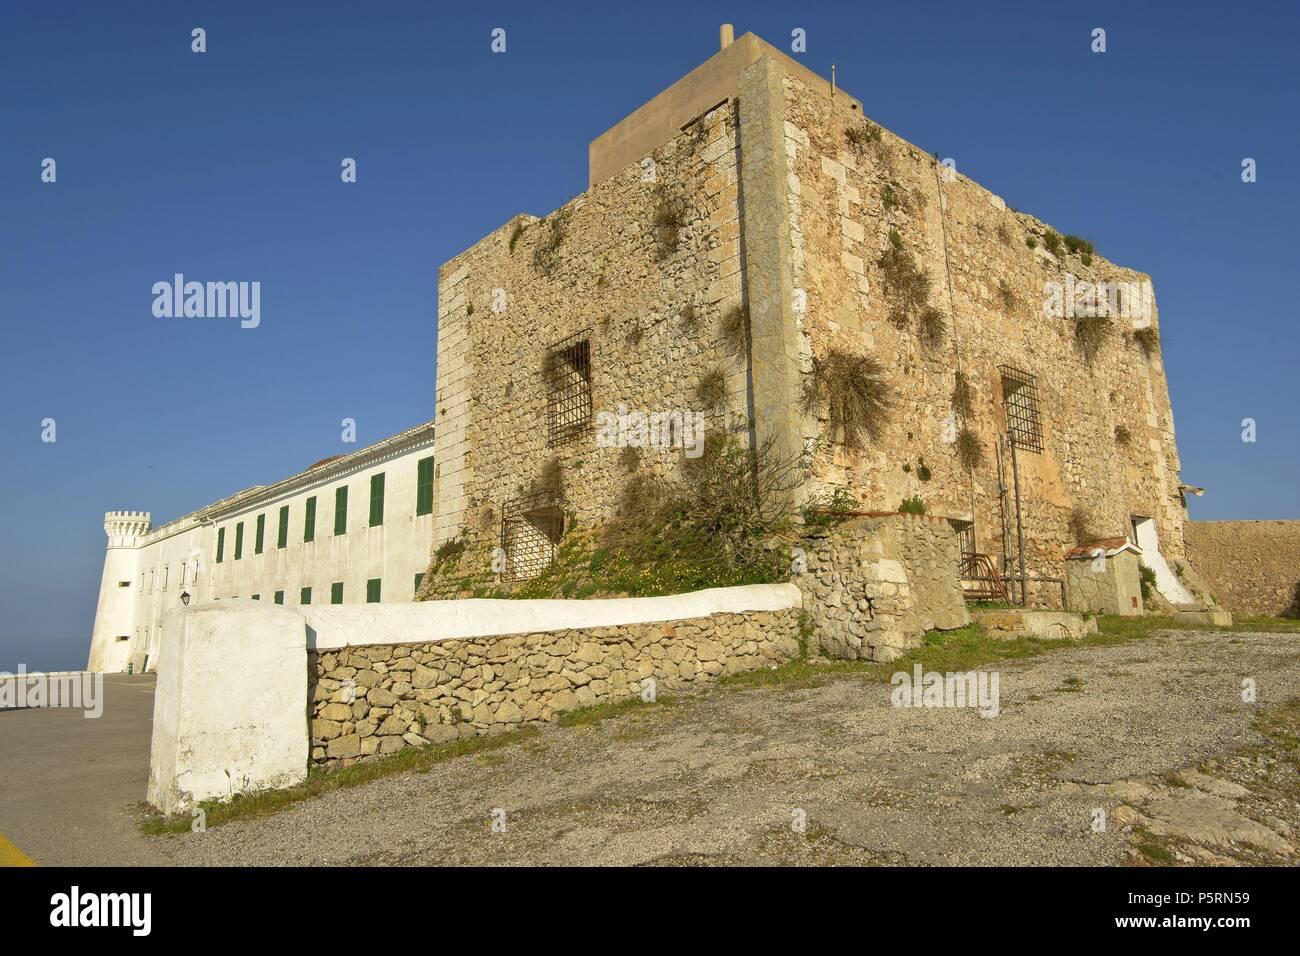 Torre fortificada (s.XVI).Santuario de la Verge de El Toro. Es Mercadal.Menorca.Reserva de la Bioesfera.Illes Balears.España. - Stock Image